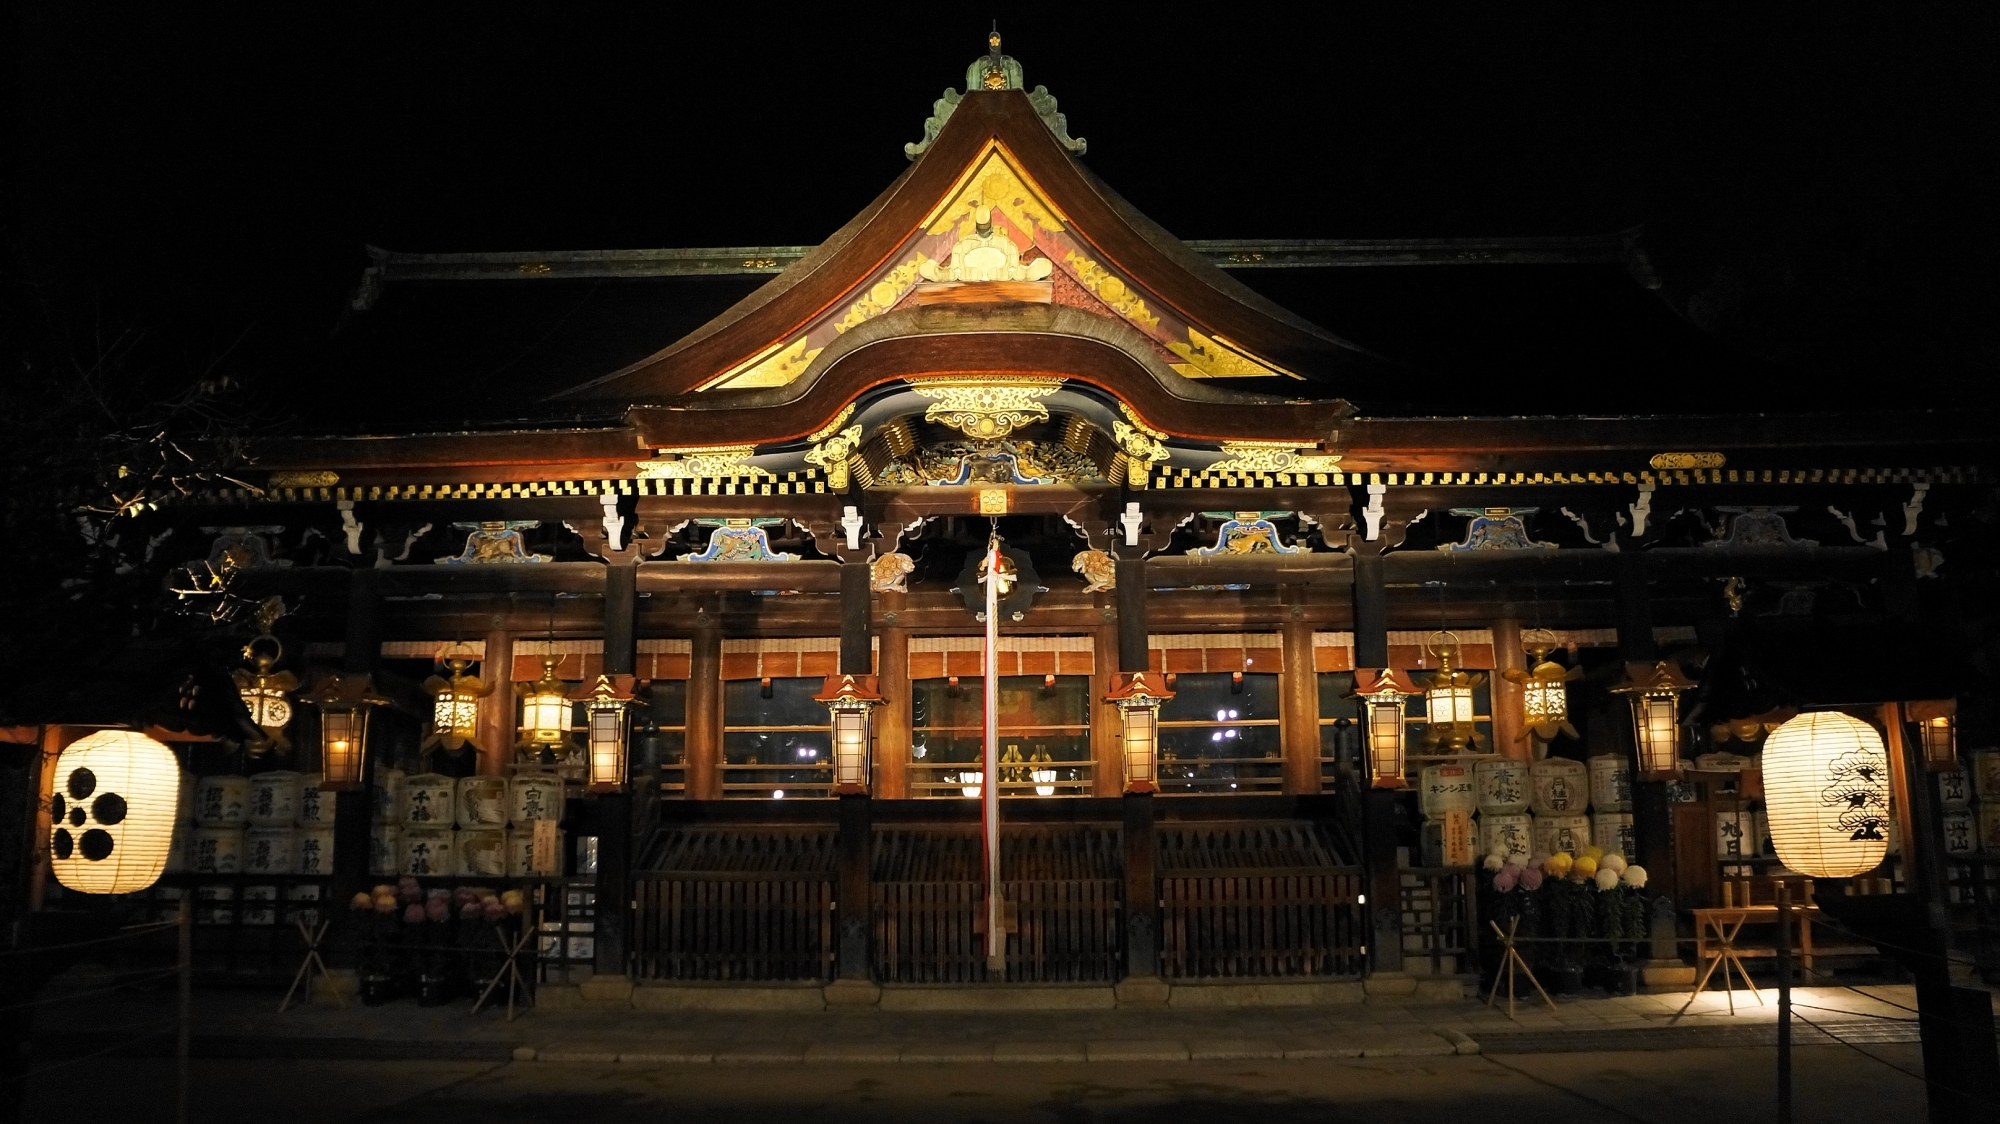 京都北野天満宮の社殿のライトアップ